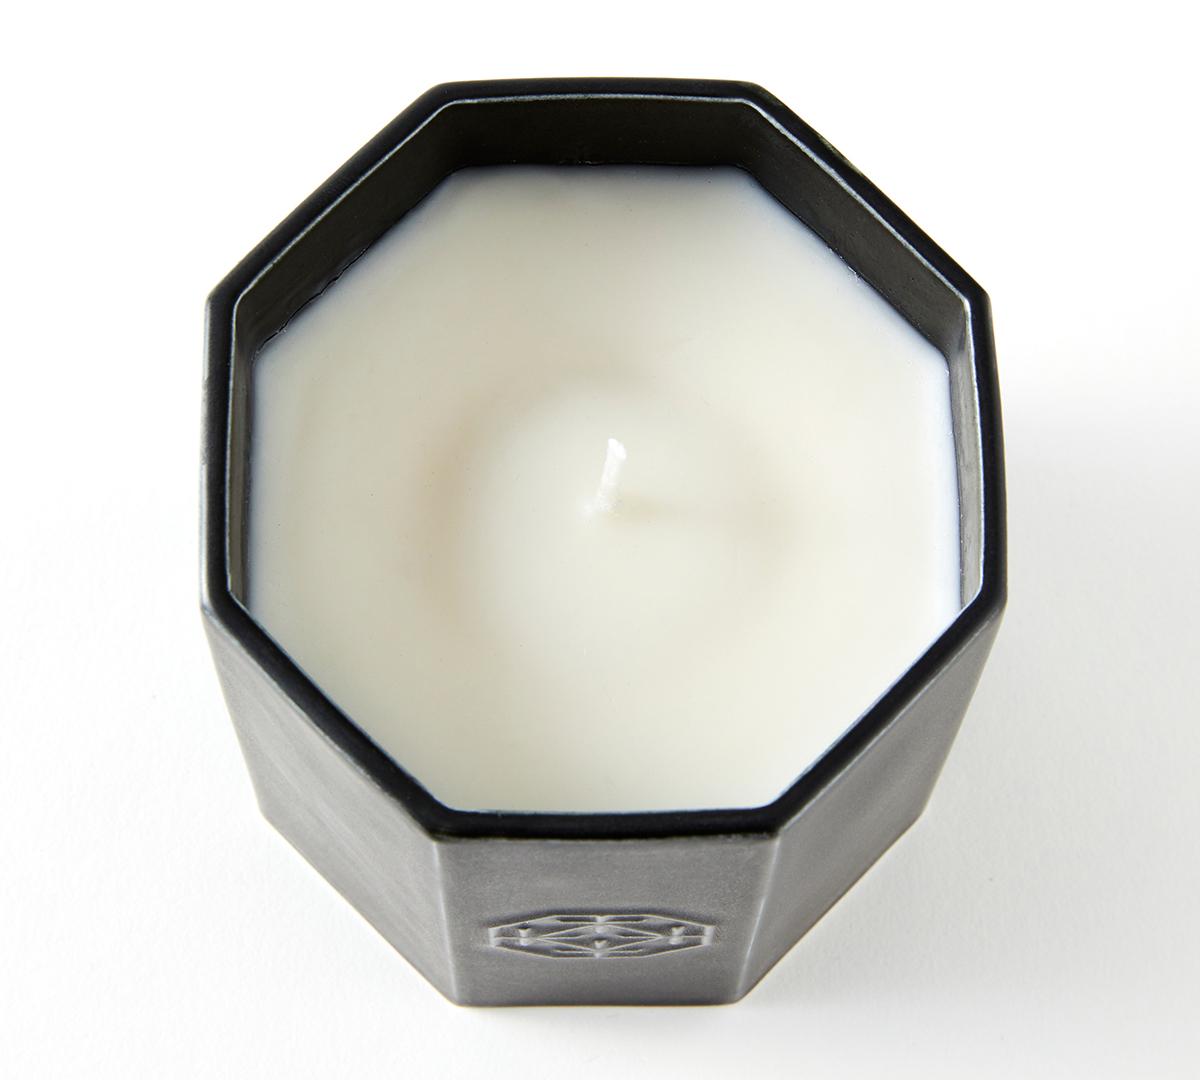 440年にも渡って受け継がれてきた伝統の薫香技術によって生まれた複雑な表現。穏やかな炎と心地いいヒノキの香りで、ゆったり癒しの時間を-センティッドキャンドル-KITOWA(キトワ)